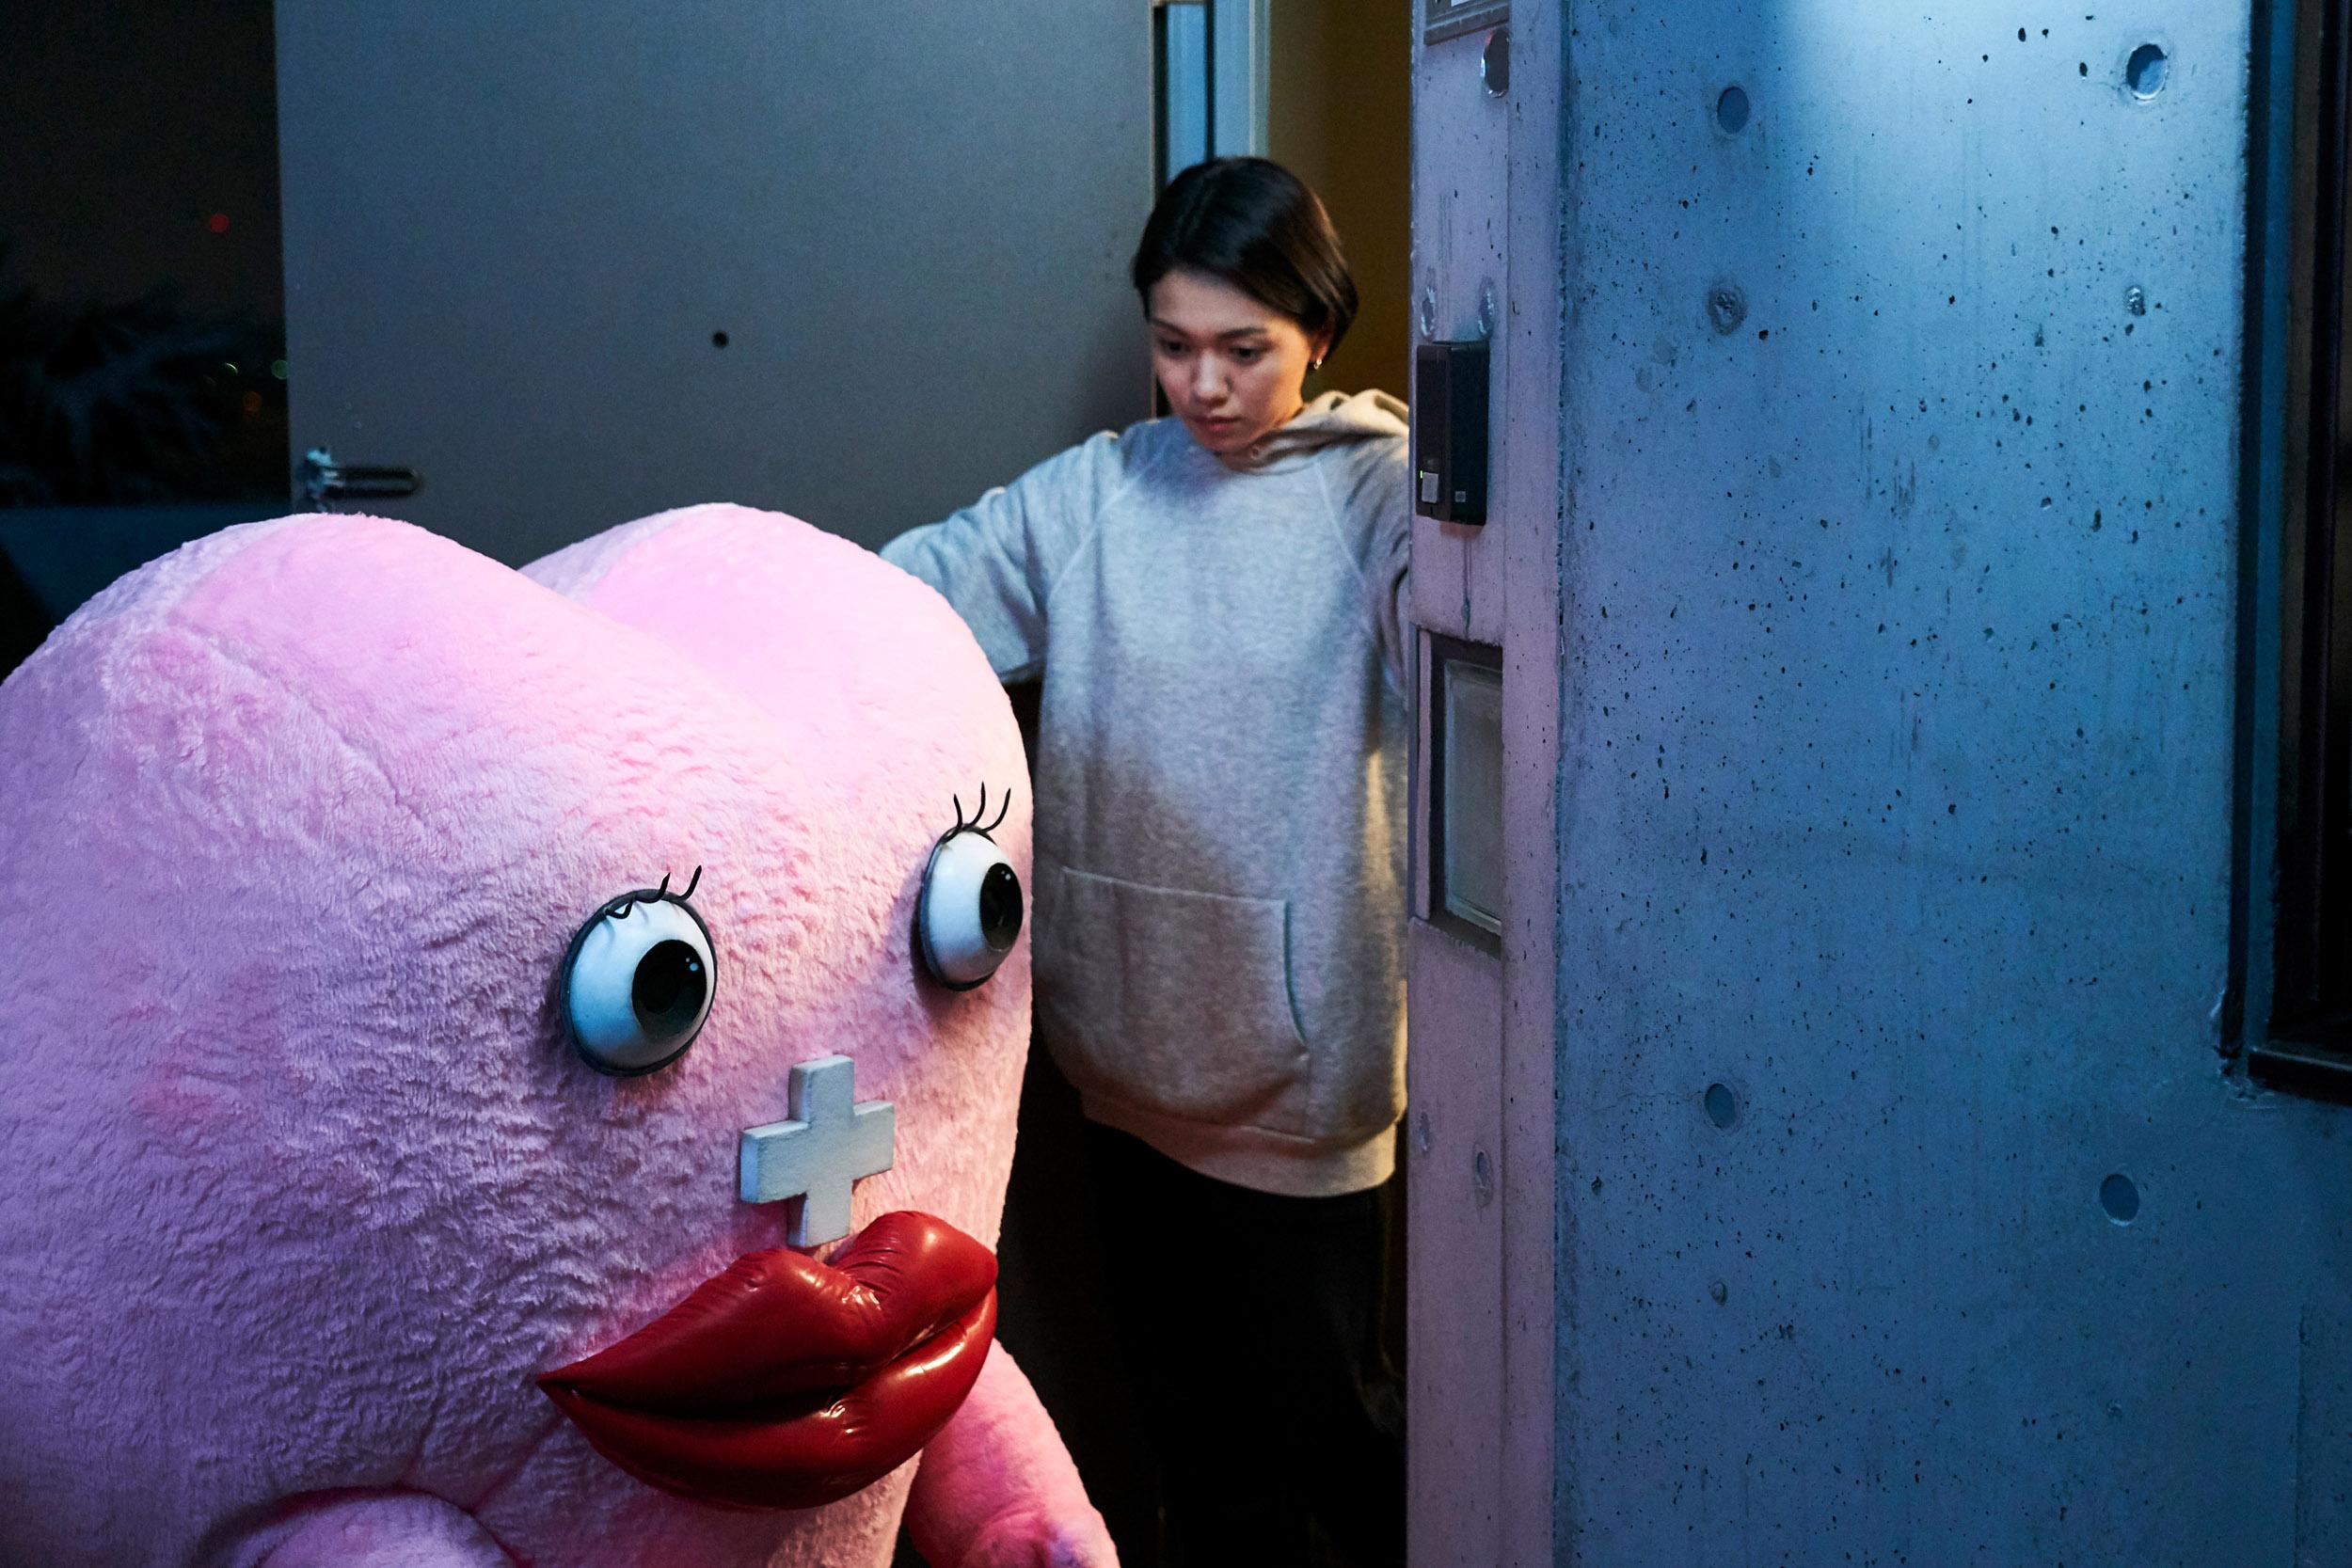 導演及二階堂富美、伊藤沙莉向台灣影迷催票 月經是女人的好閨蜜